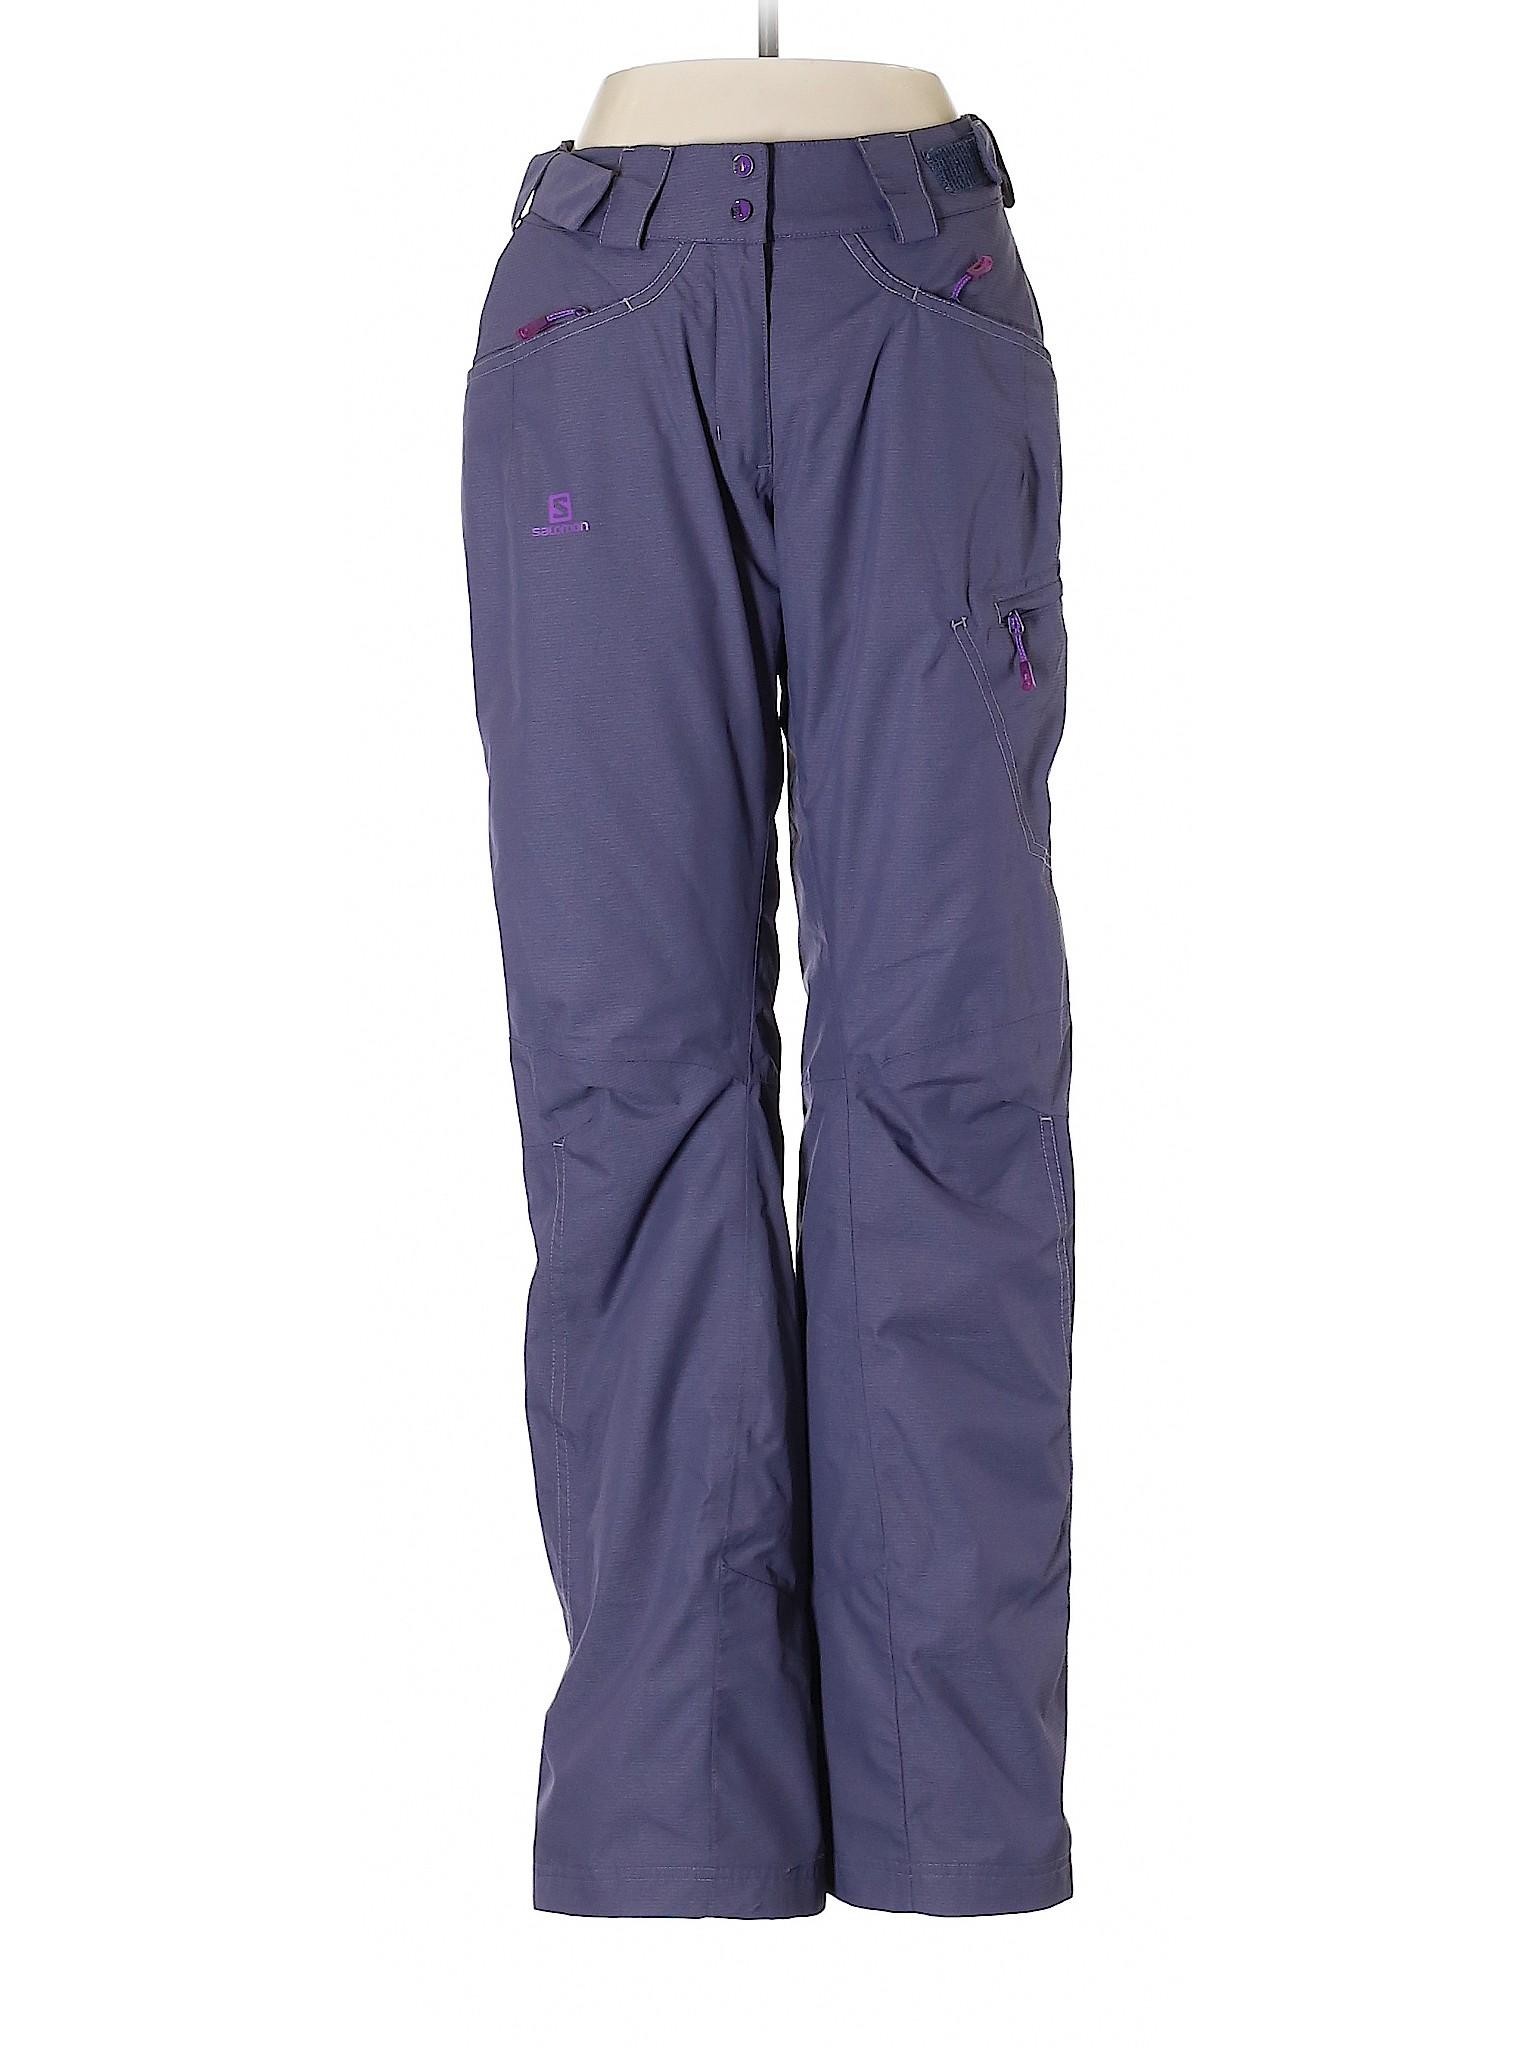 cdabbfe2f Details about Salomon Women Purple Snow Pants S